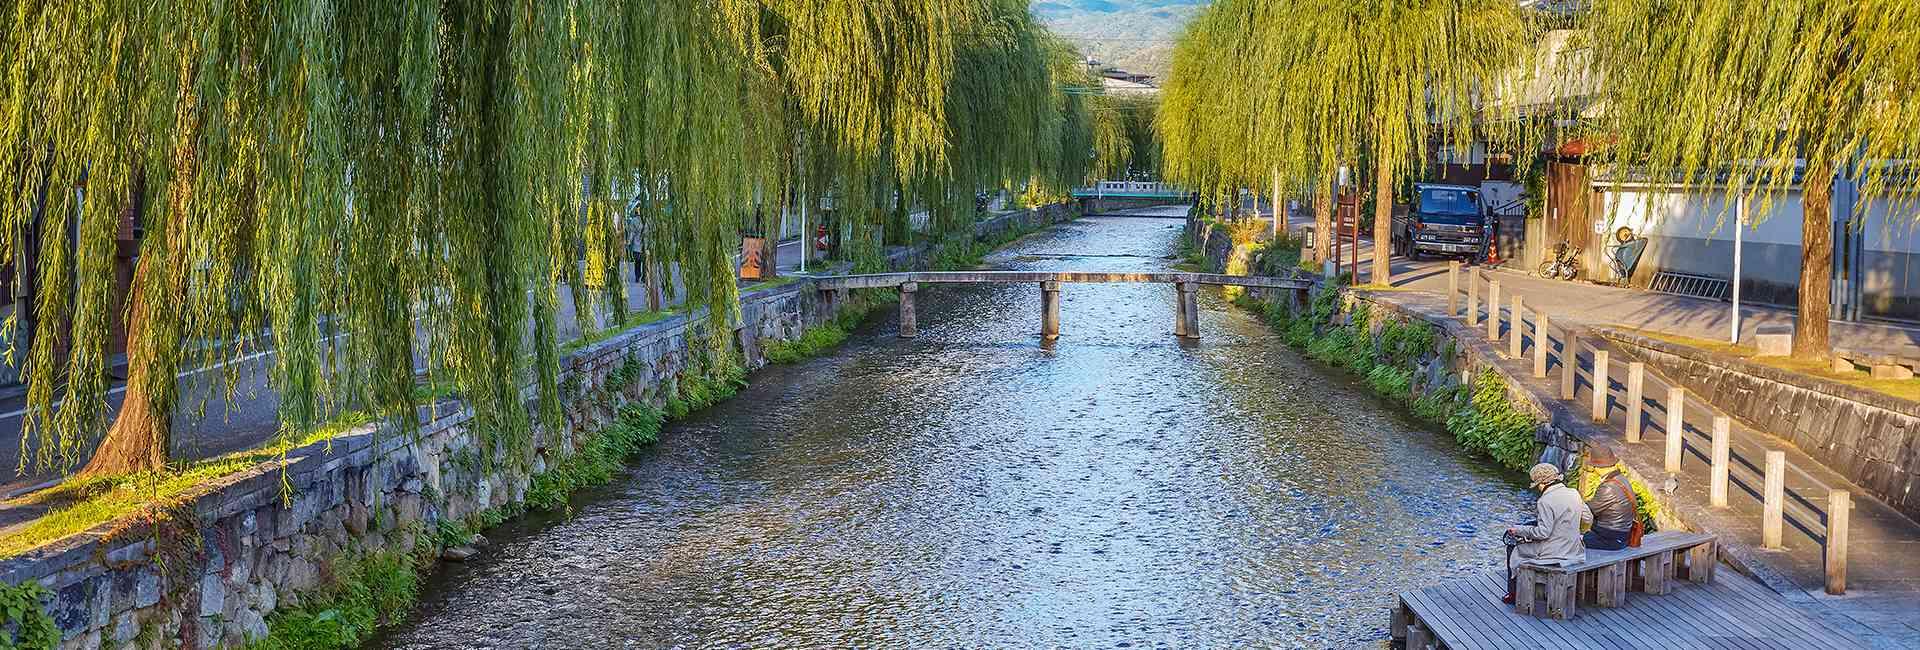 rivière à Kyoto